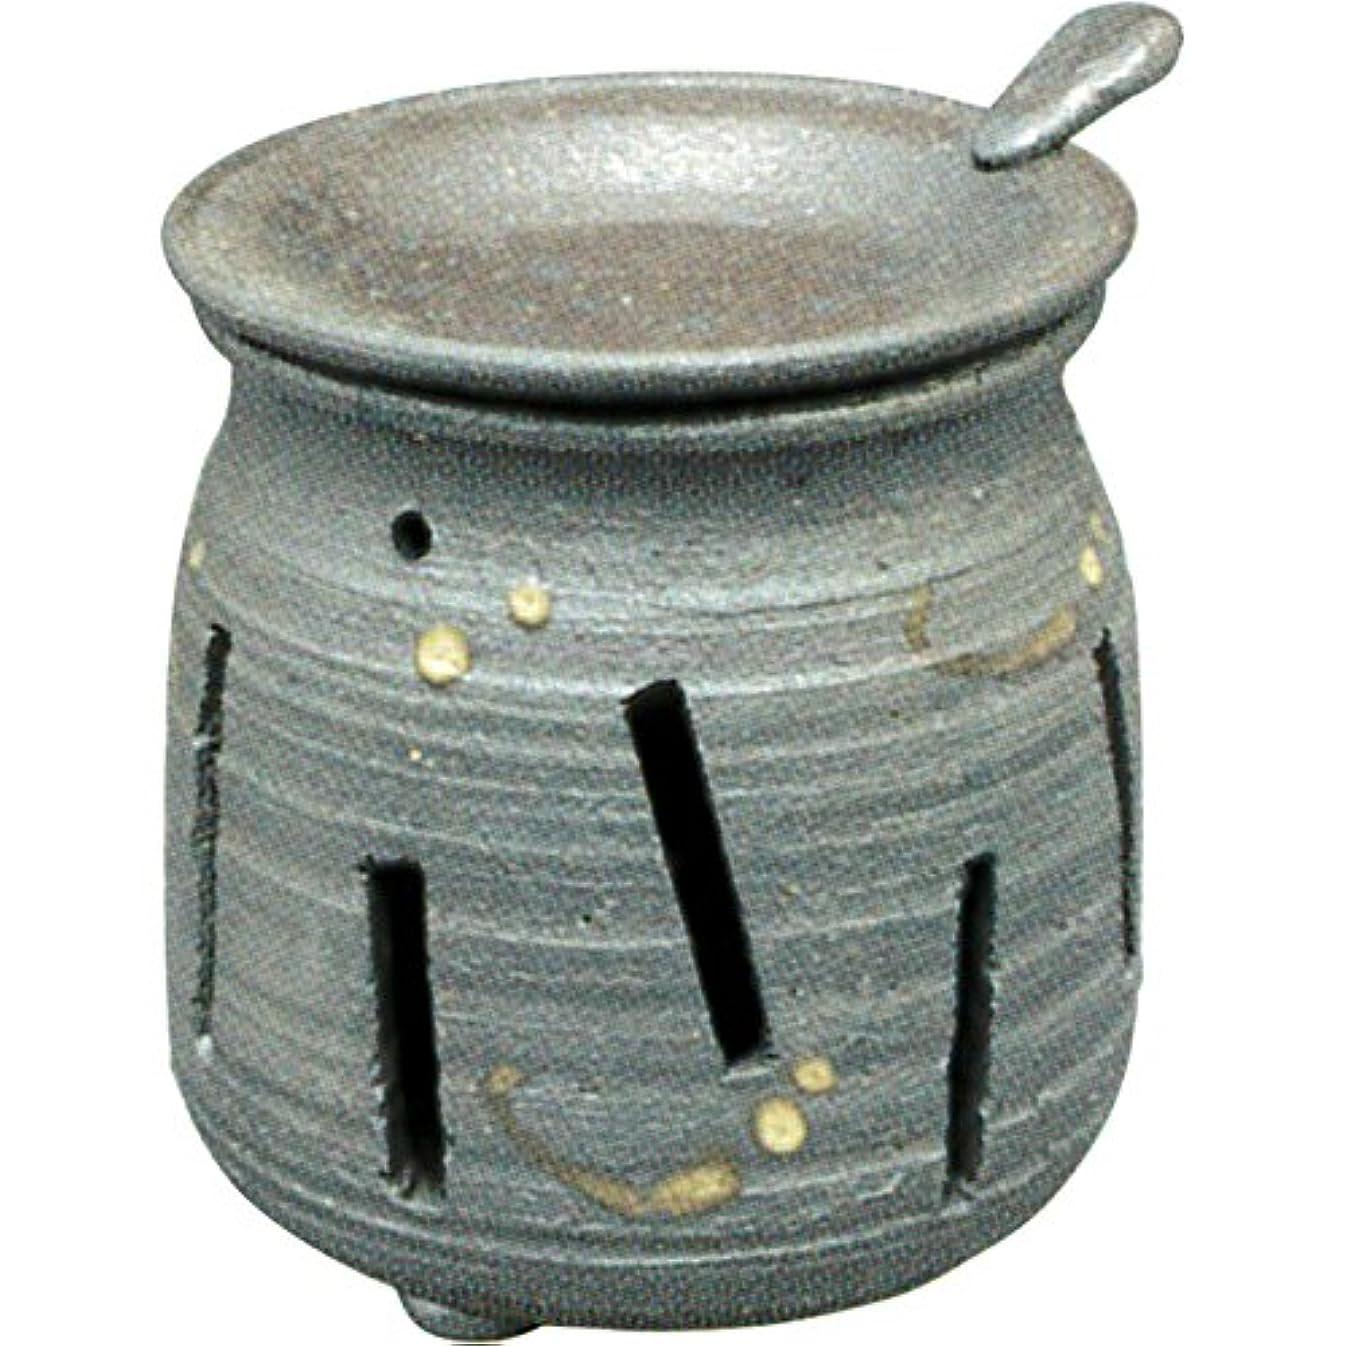 溶けた意義伝統茶香炉 : 常滑焼 焜清 茶香炉?エ38-07